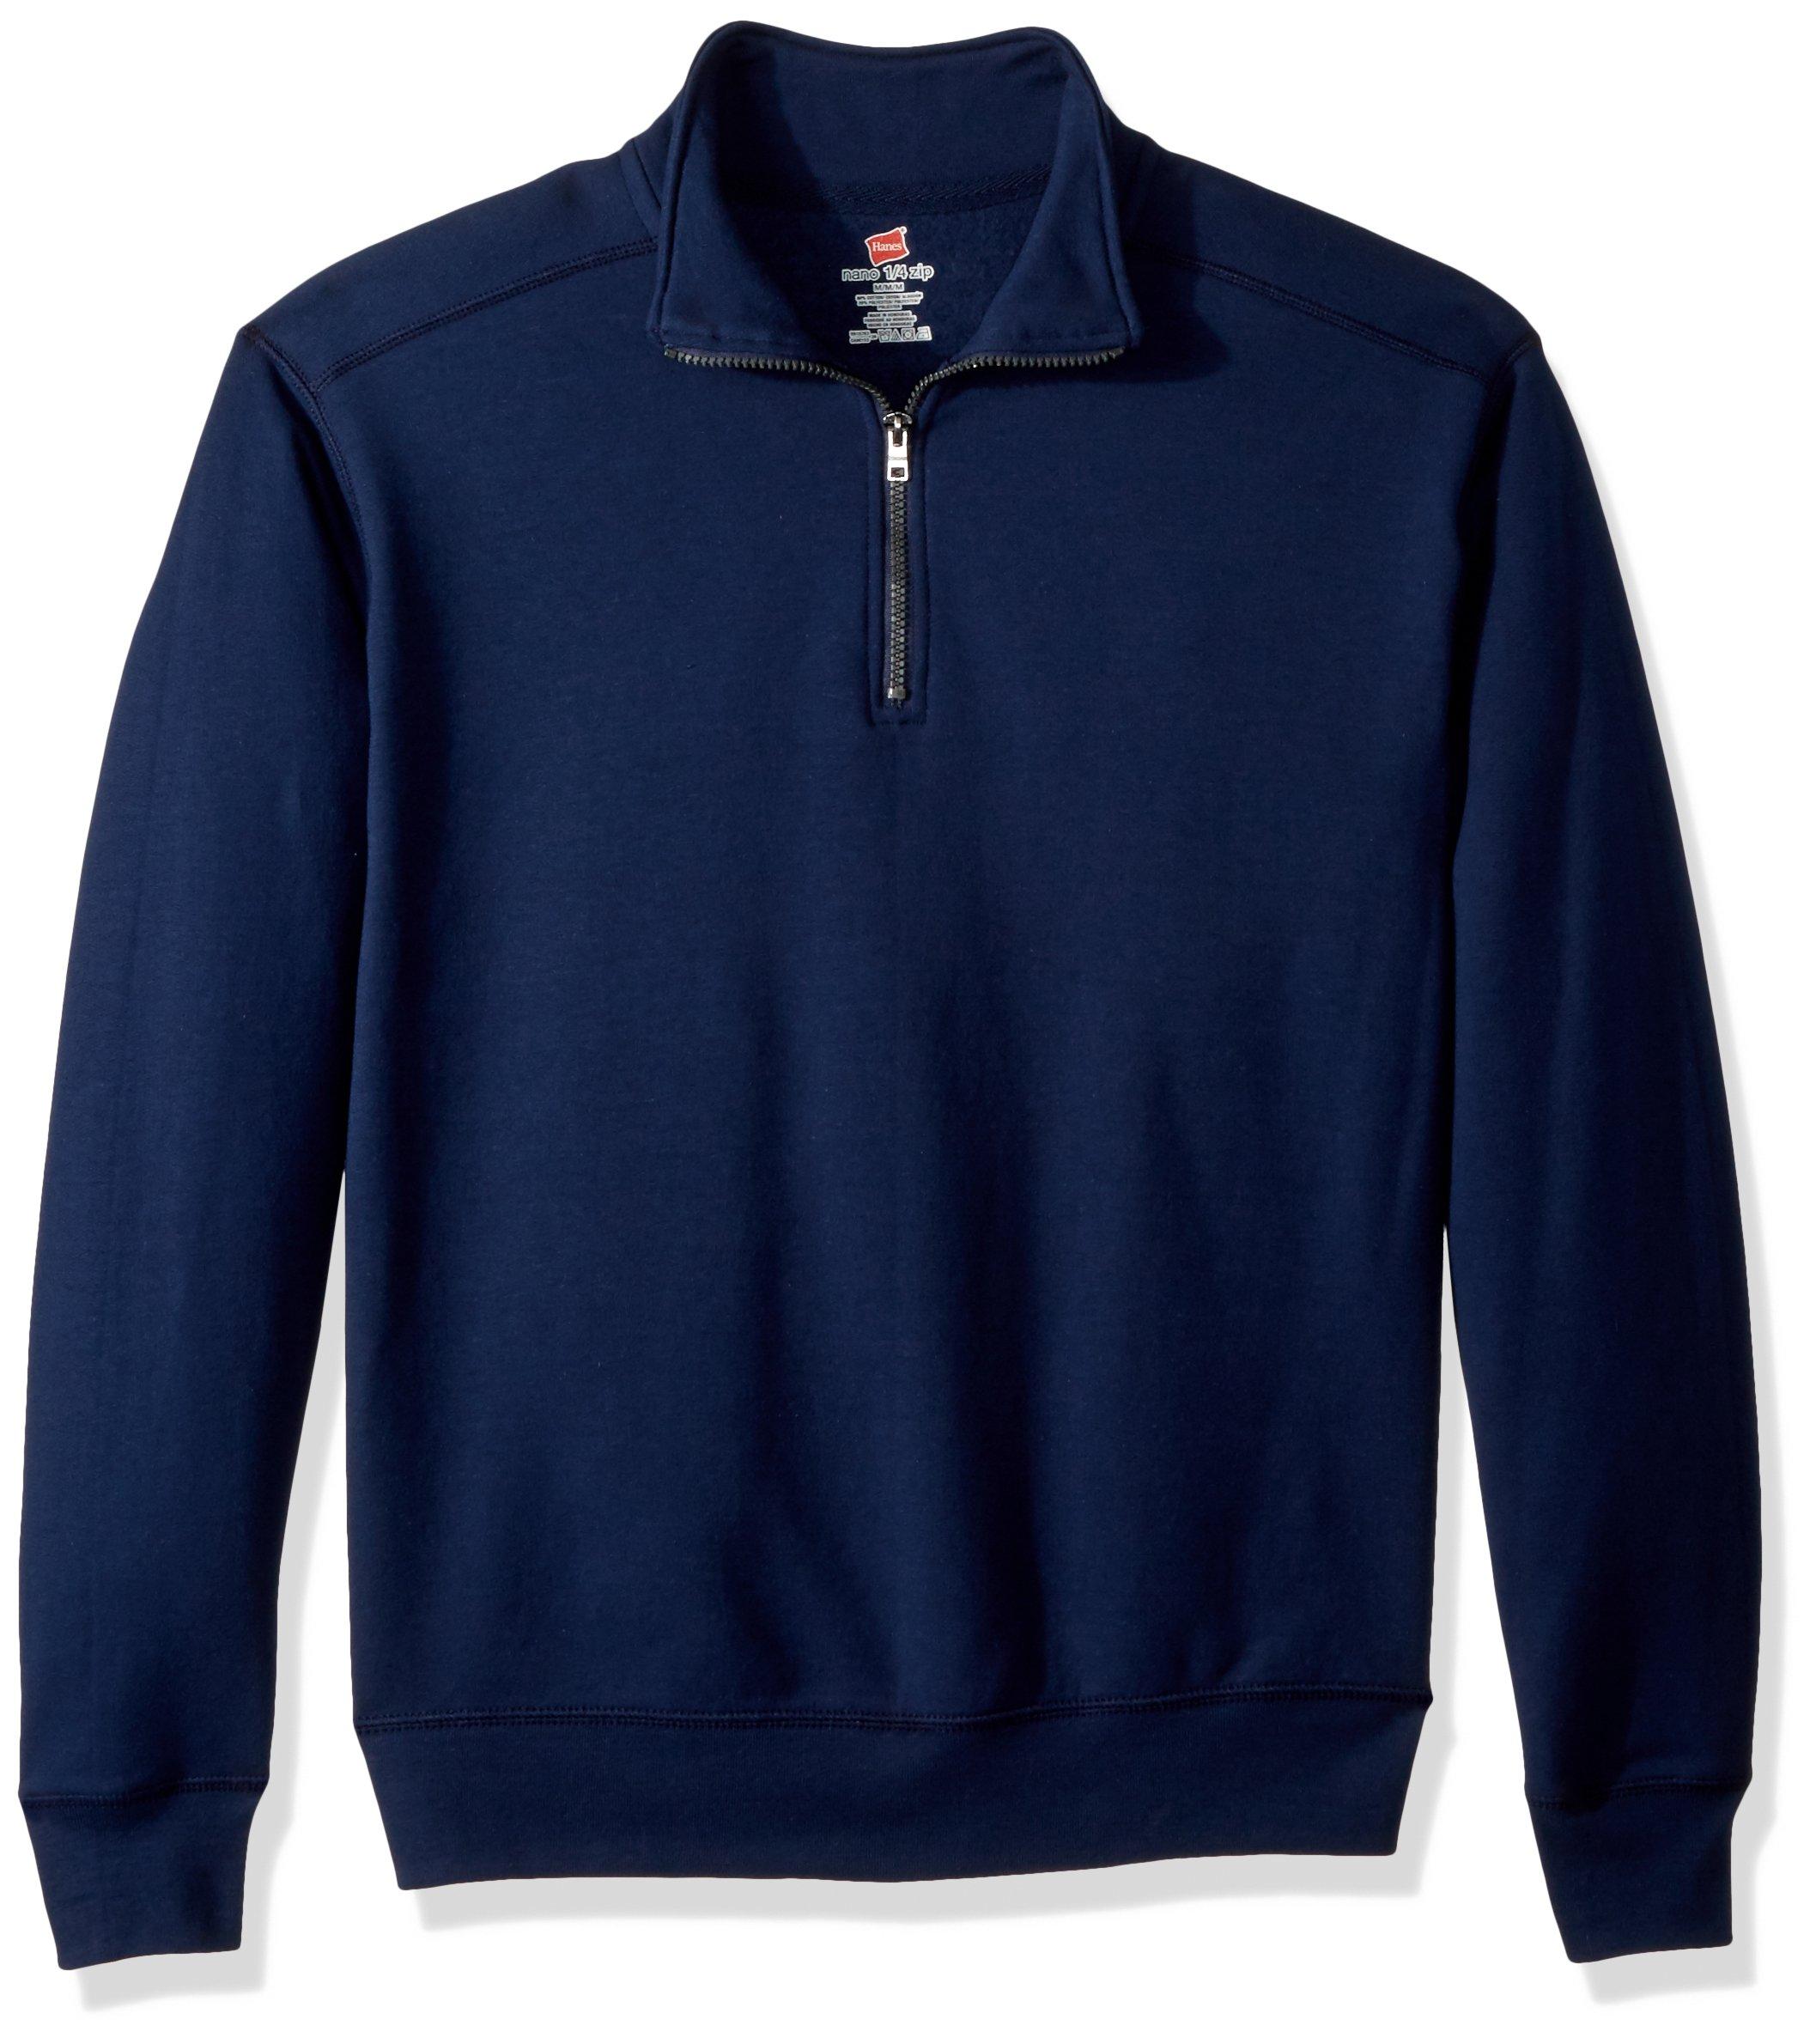 Hanes Men's Nano Quarter-Zip Fleece Jacket, Navy, Large